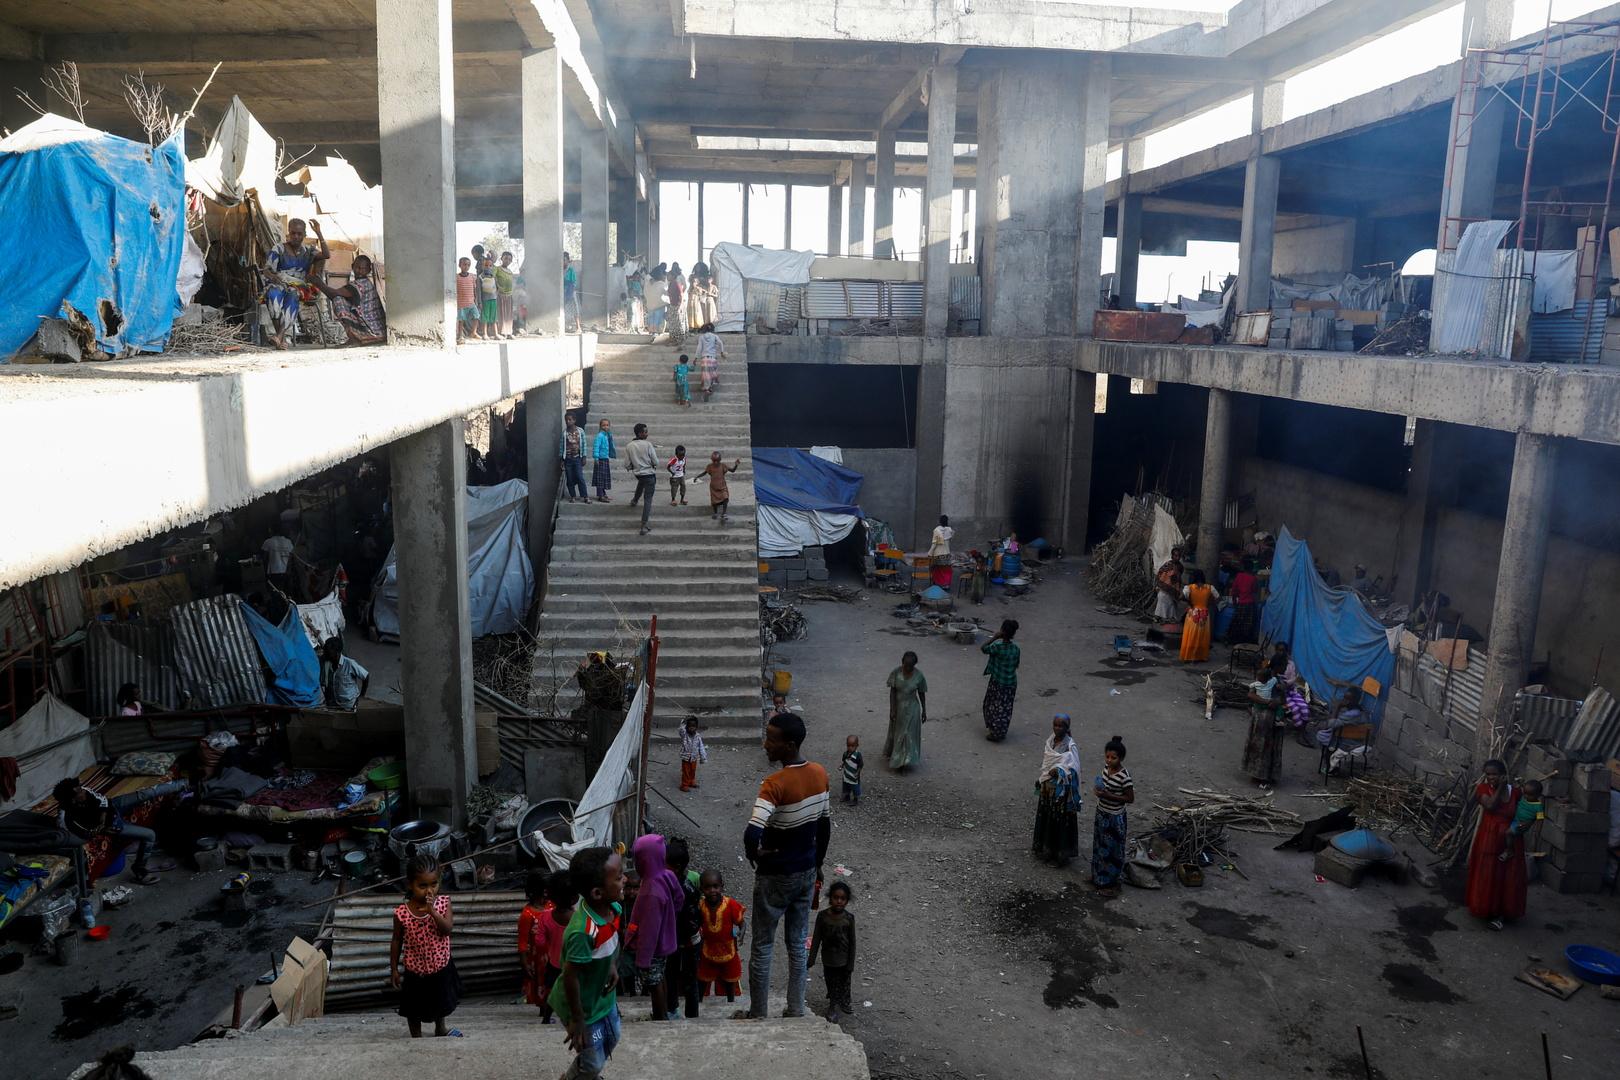 الأمم المتحدة: 4.5 مليون شخص بحاجة للمساعدة